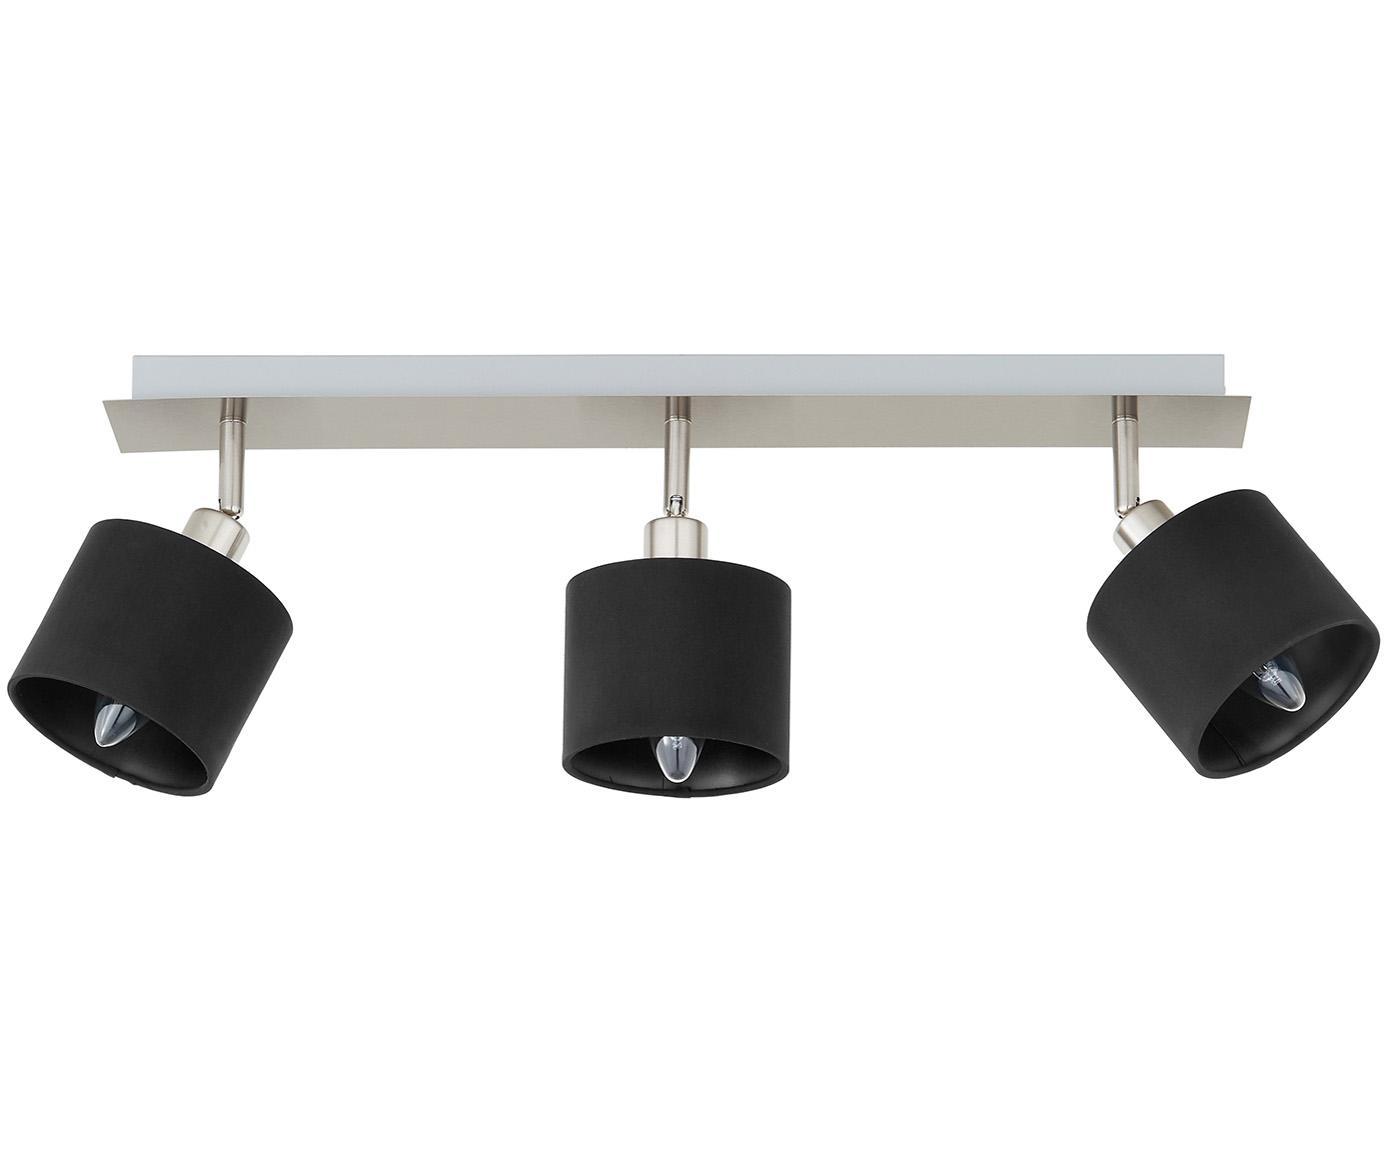 Plafondlamp Casper, Baldakijn: vernikkeld metaal, Zilverkleurig, zwart, 56 x 7 cm